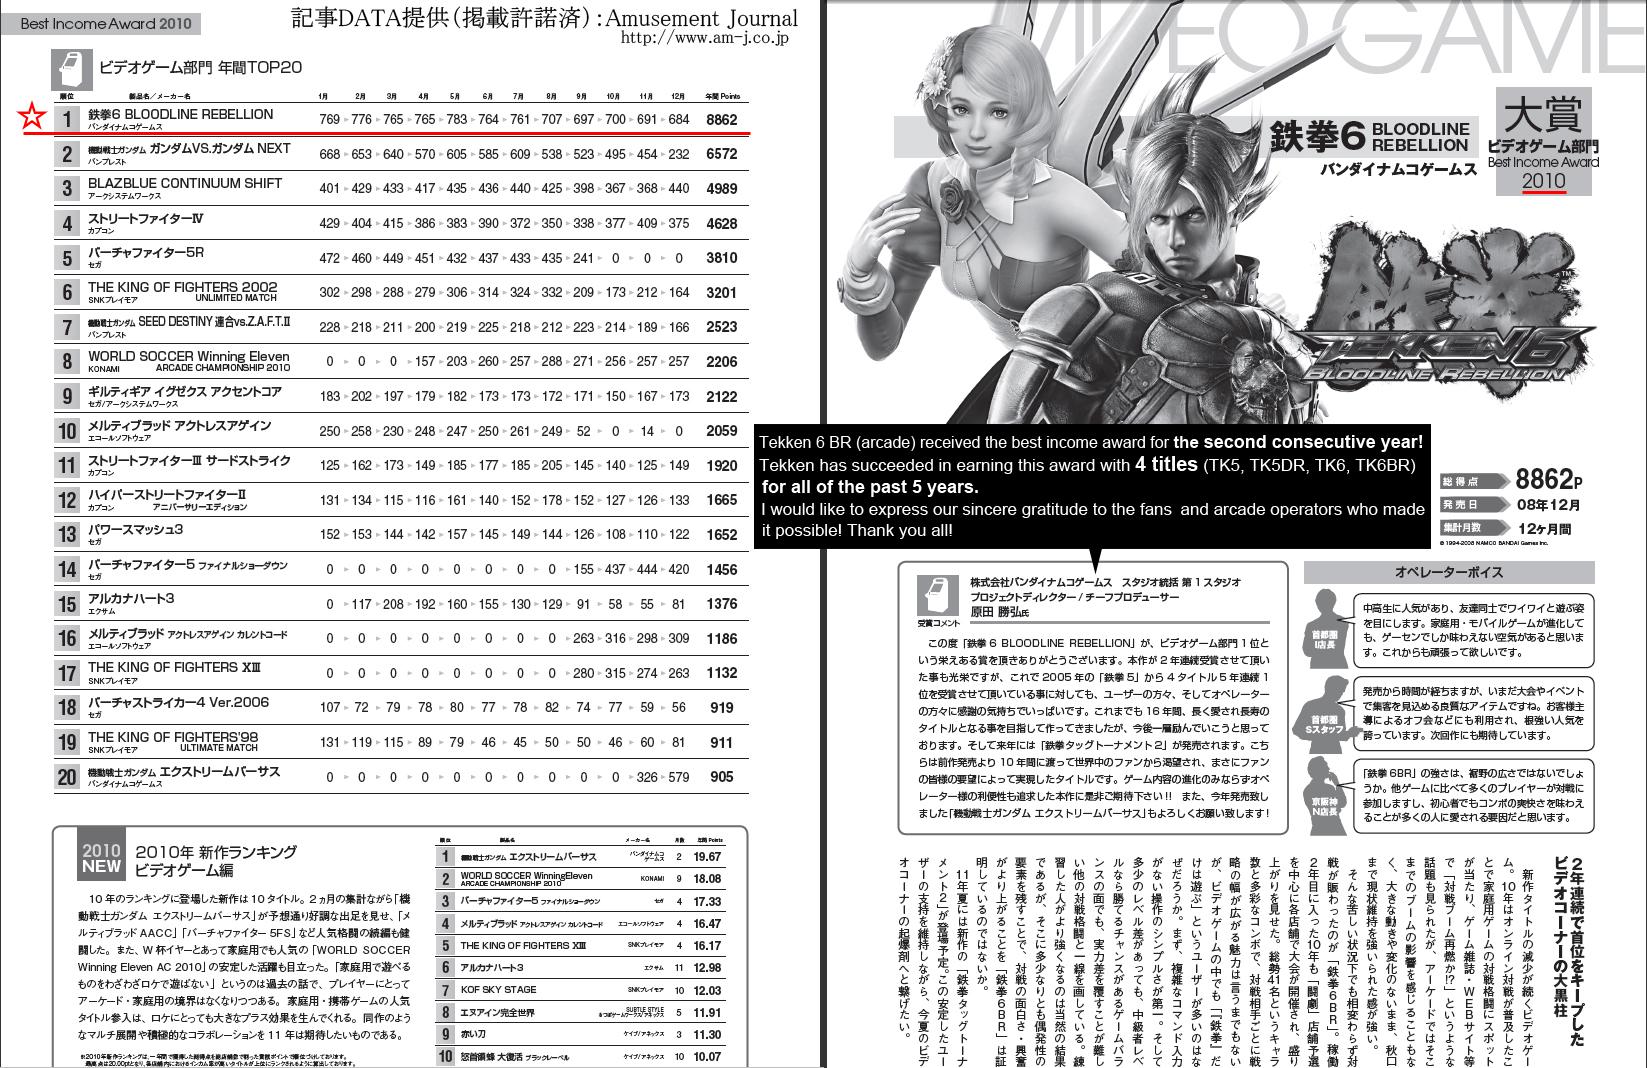 Tekken 6 Br Wins The Best Income Award In Japan News Avoiding